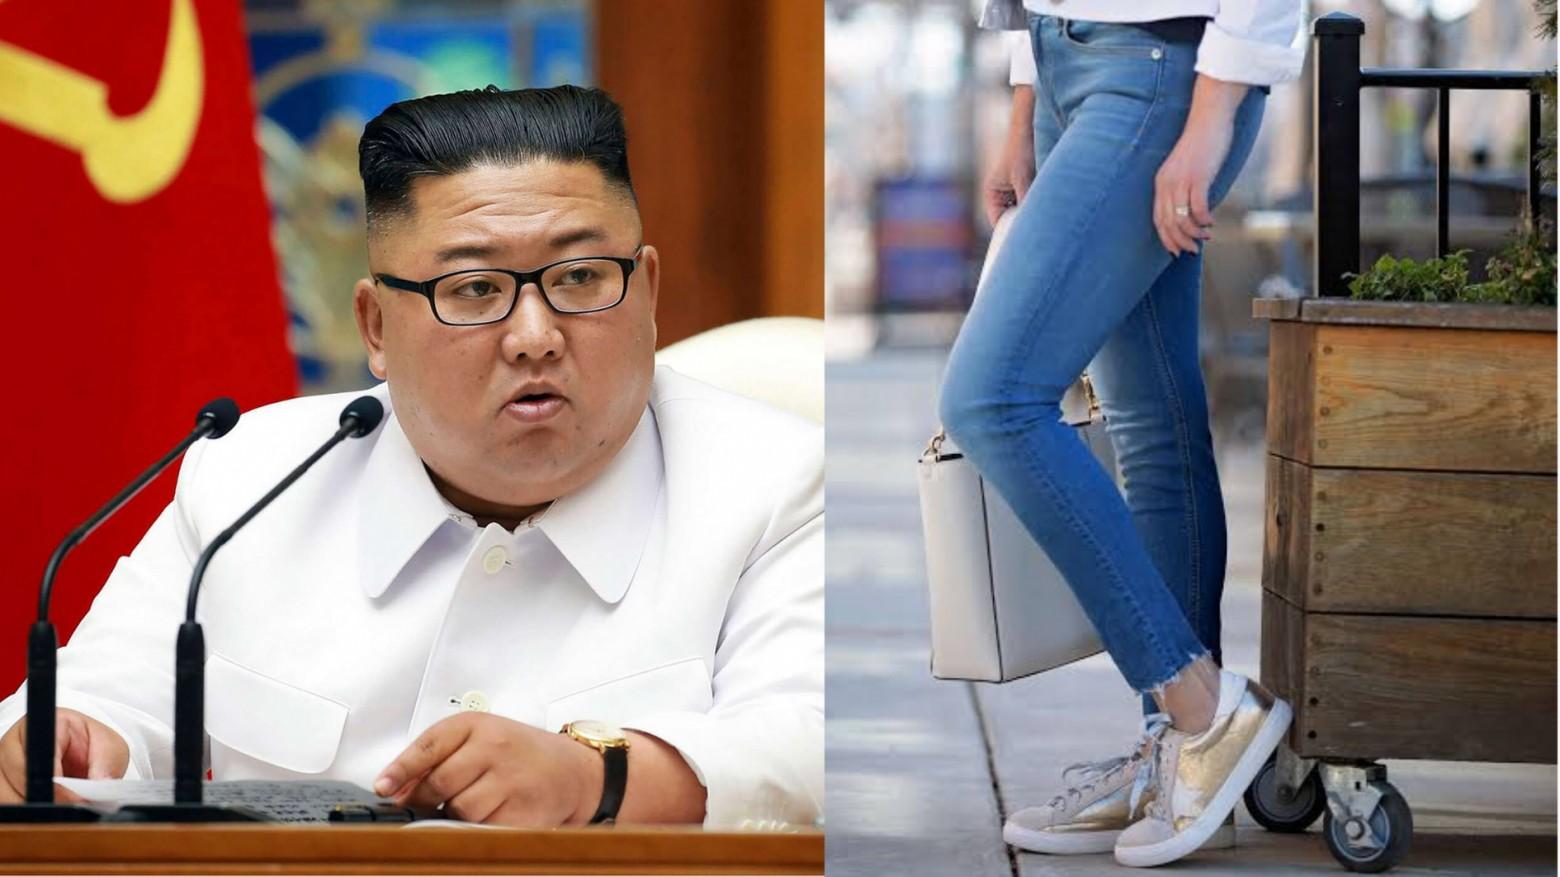 Βόρεια Κορέα: Απαγορεύτηκαν τα στενά παντελόνια και τα «μη σοσιαλιστικά» κουρέματα